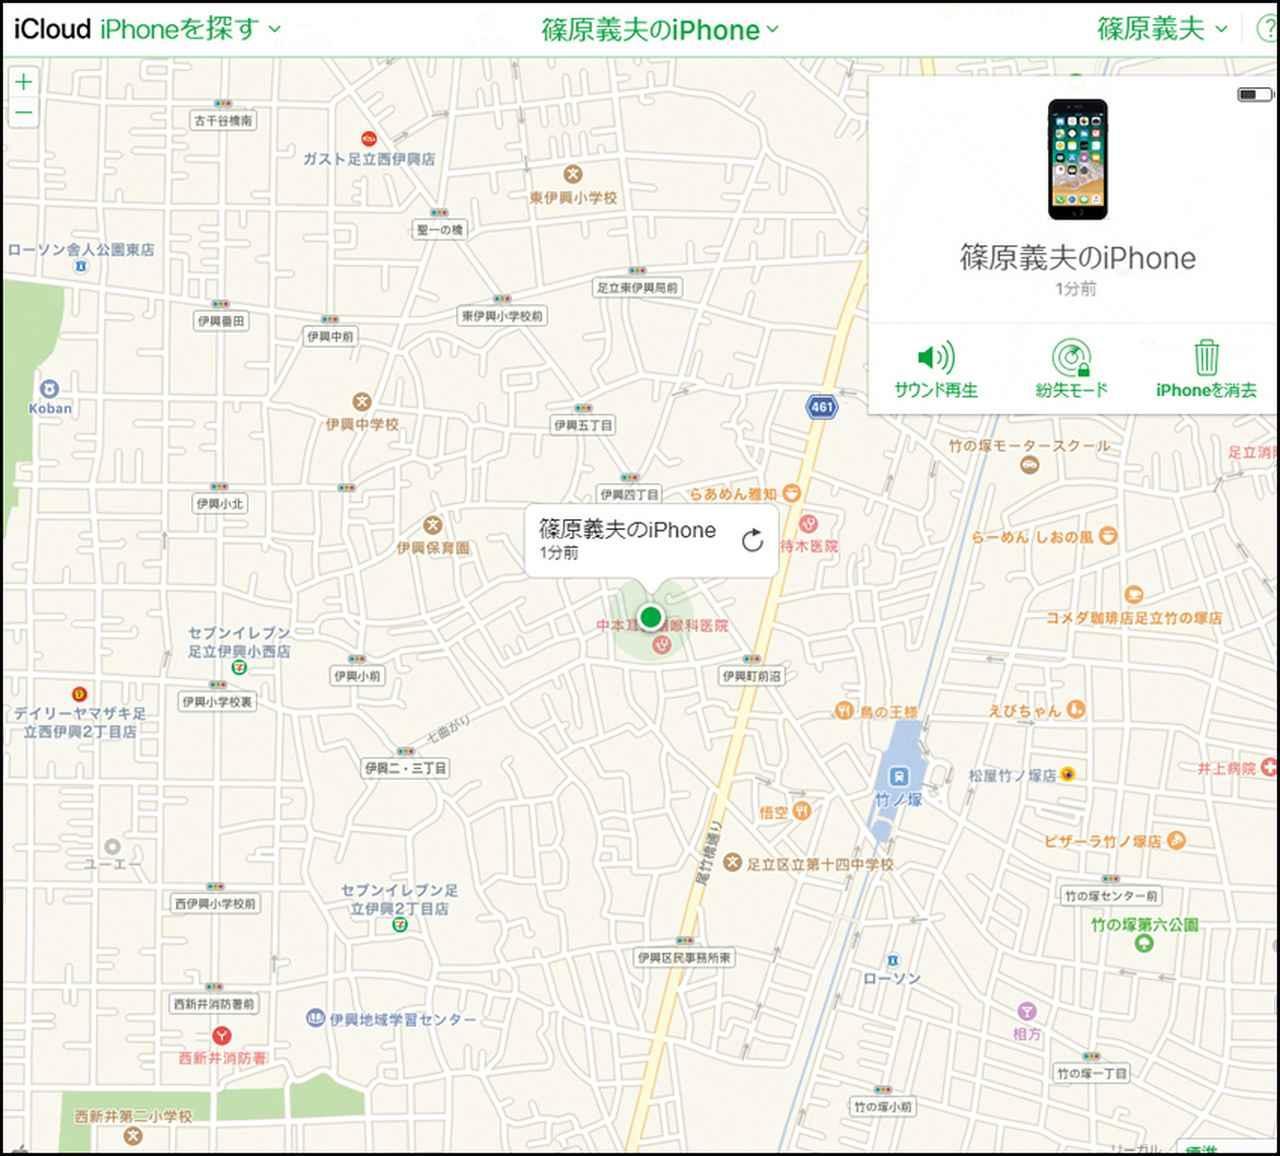 画像: iPhoneは「iCloud」、Androidは「Googleアカウント」のサイトから現在地を確認できる。